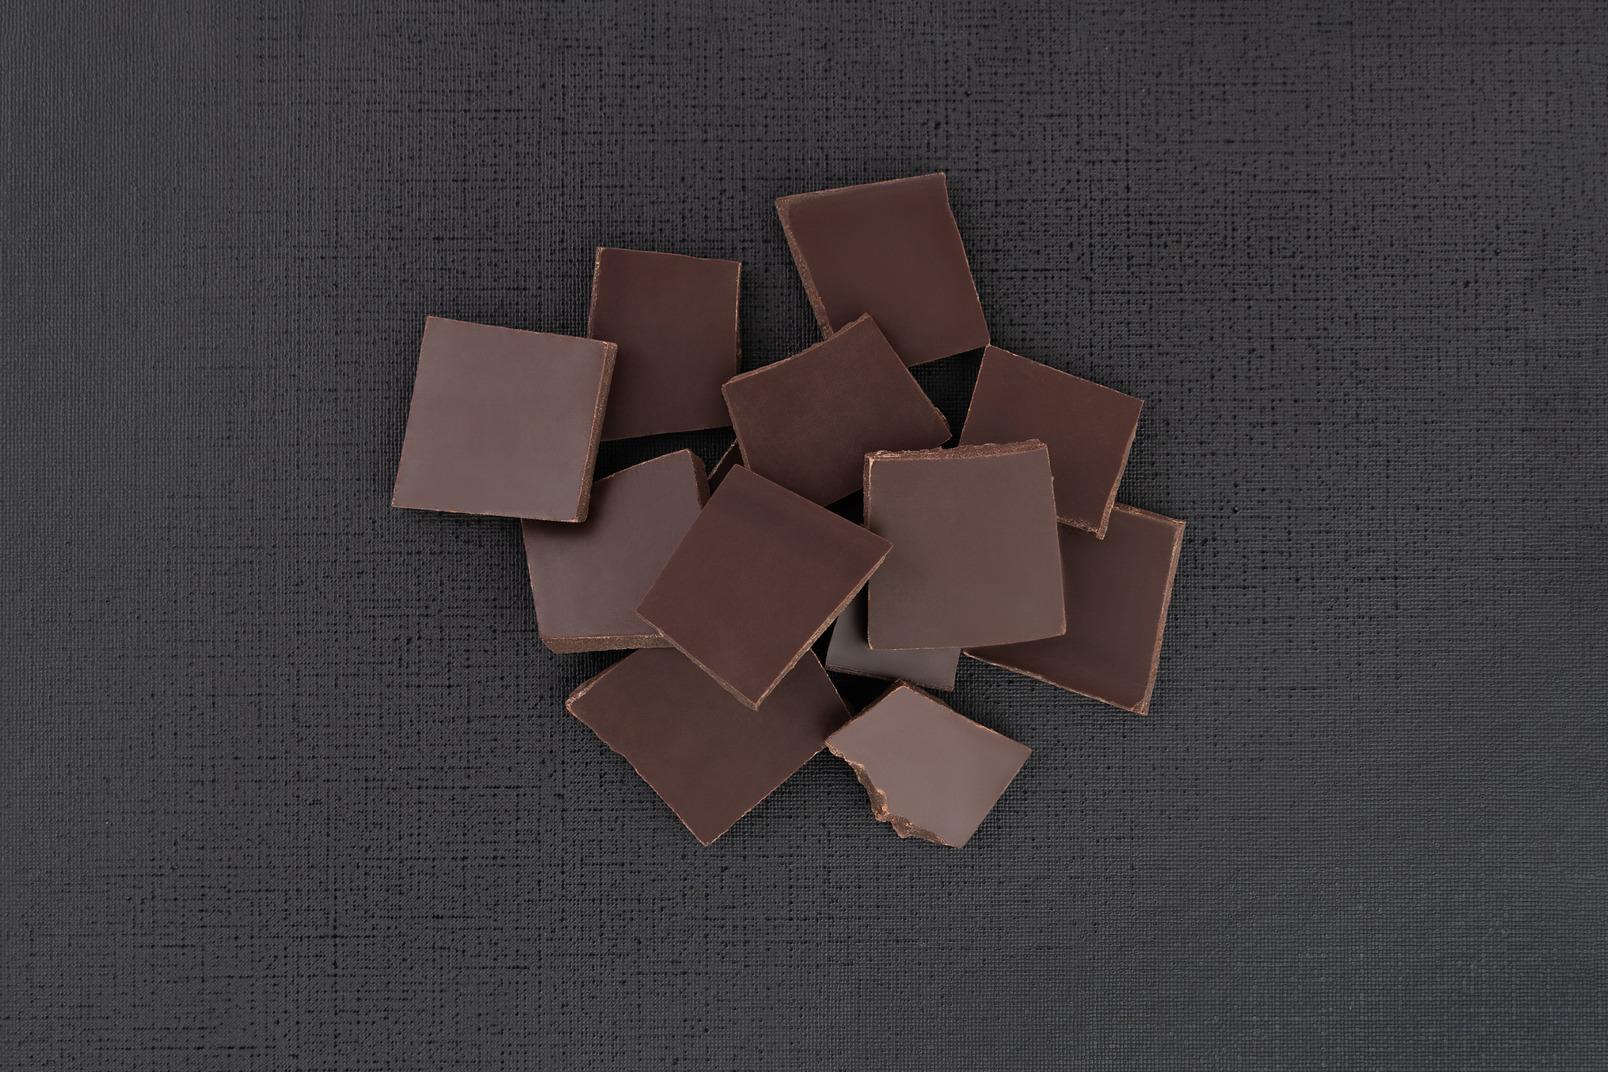 Dunkle schokolade auf schwarzem hintergrund abgestürzt